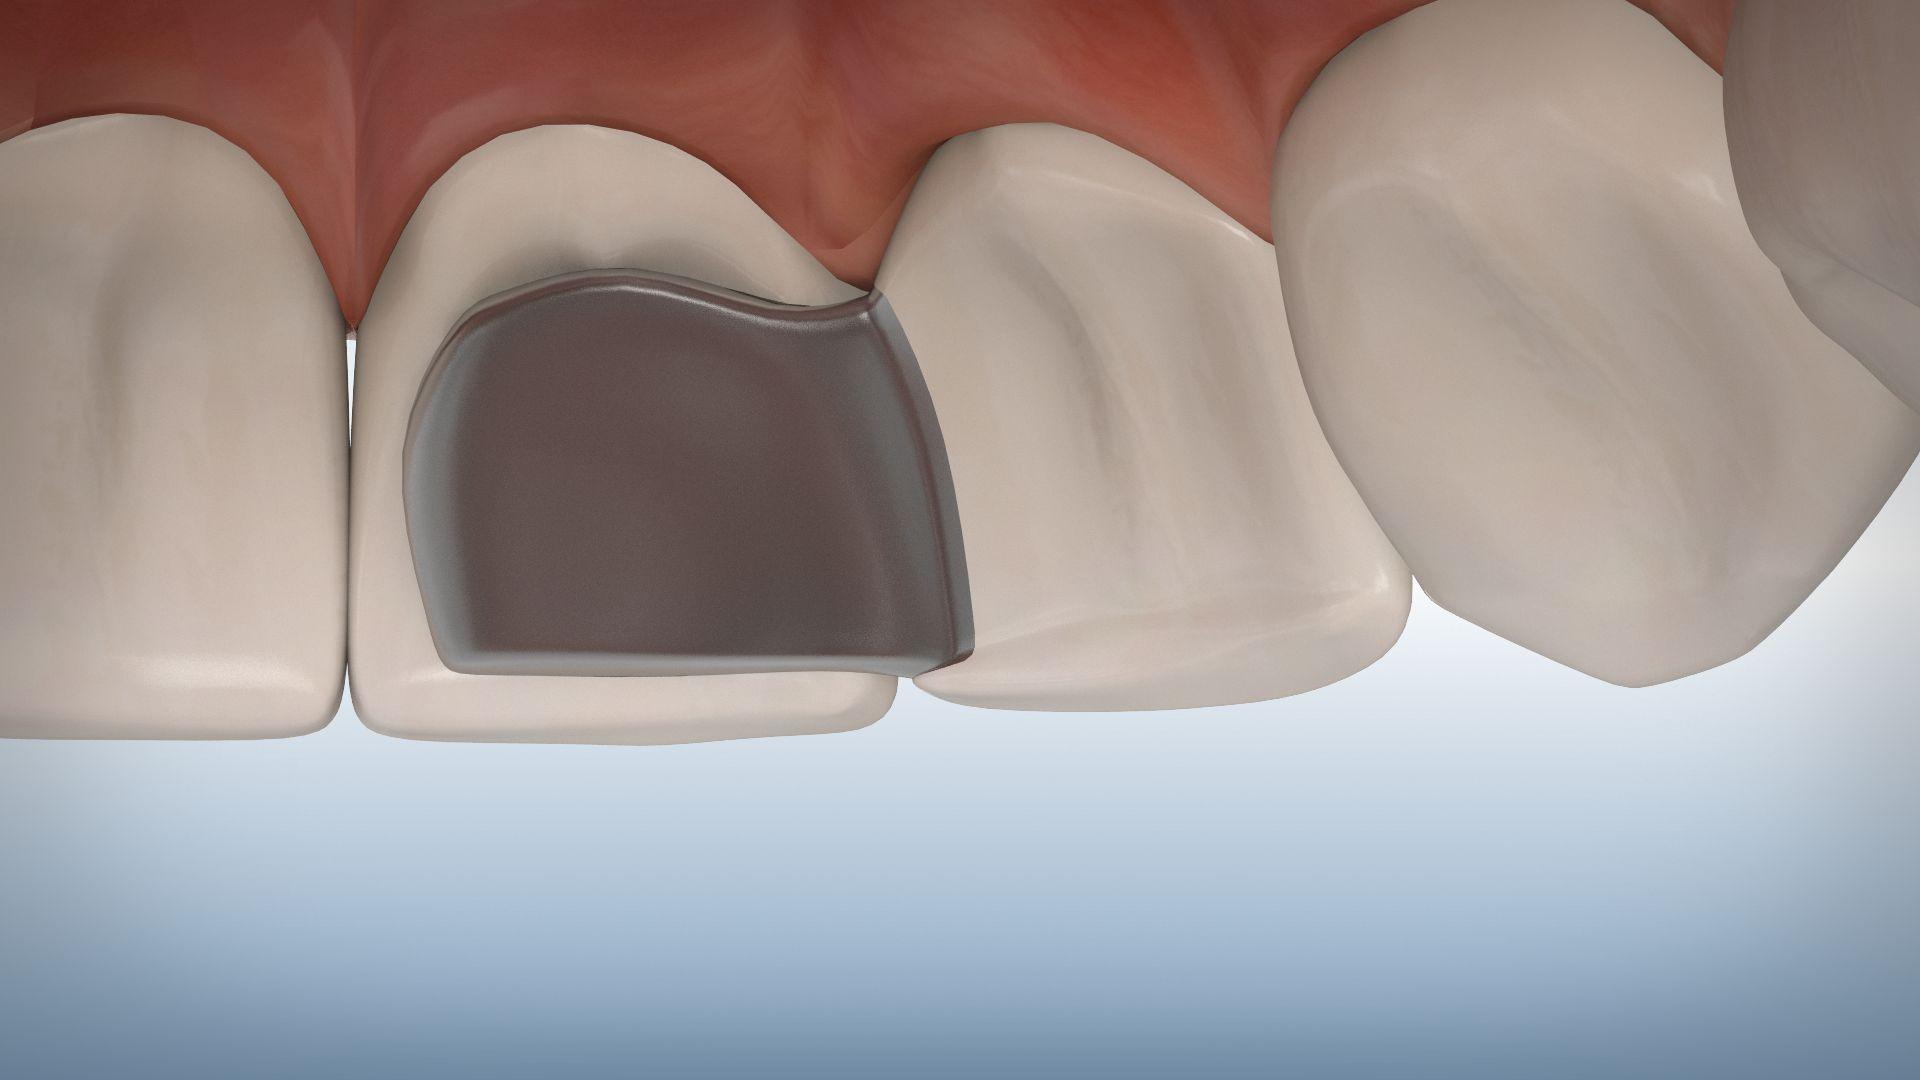 Atemberaubend 3d Kopf Und Hals Anatomie Für Zahnmedizin Ideen ...